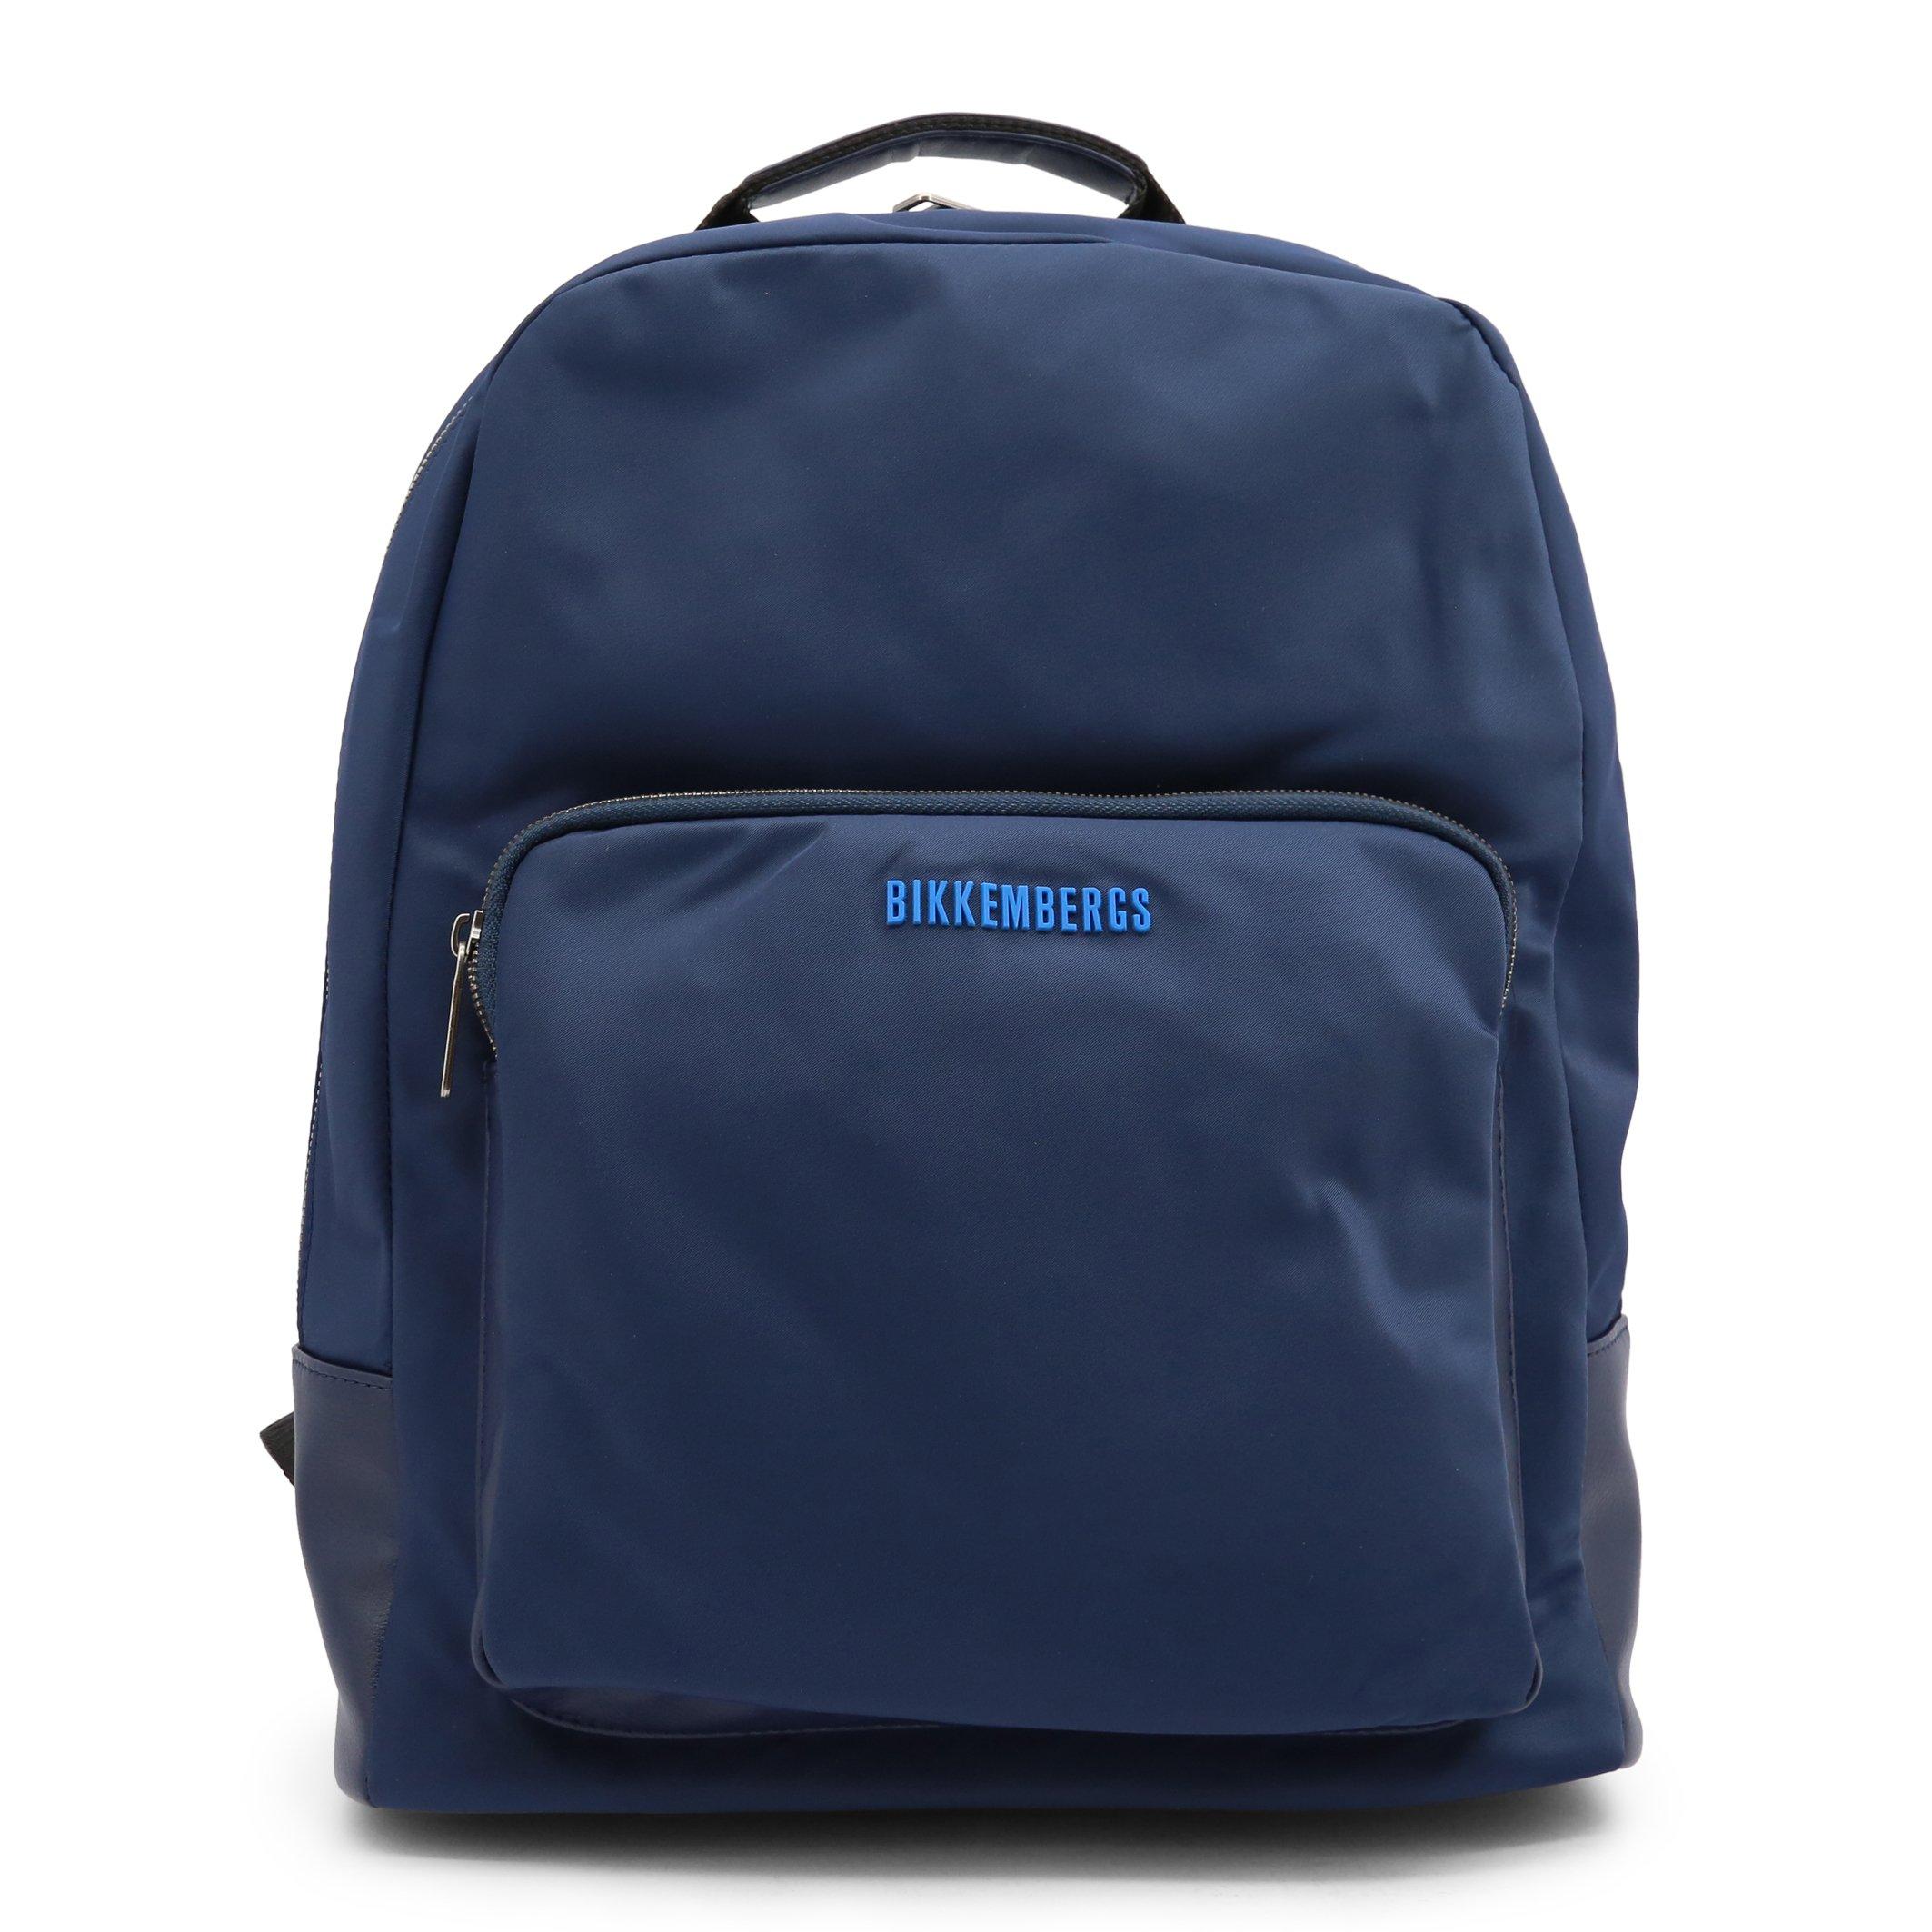 Bikkembergs Men's Backpack Various Colours E2BPME1Q0065 - blue NOSIZE